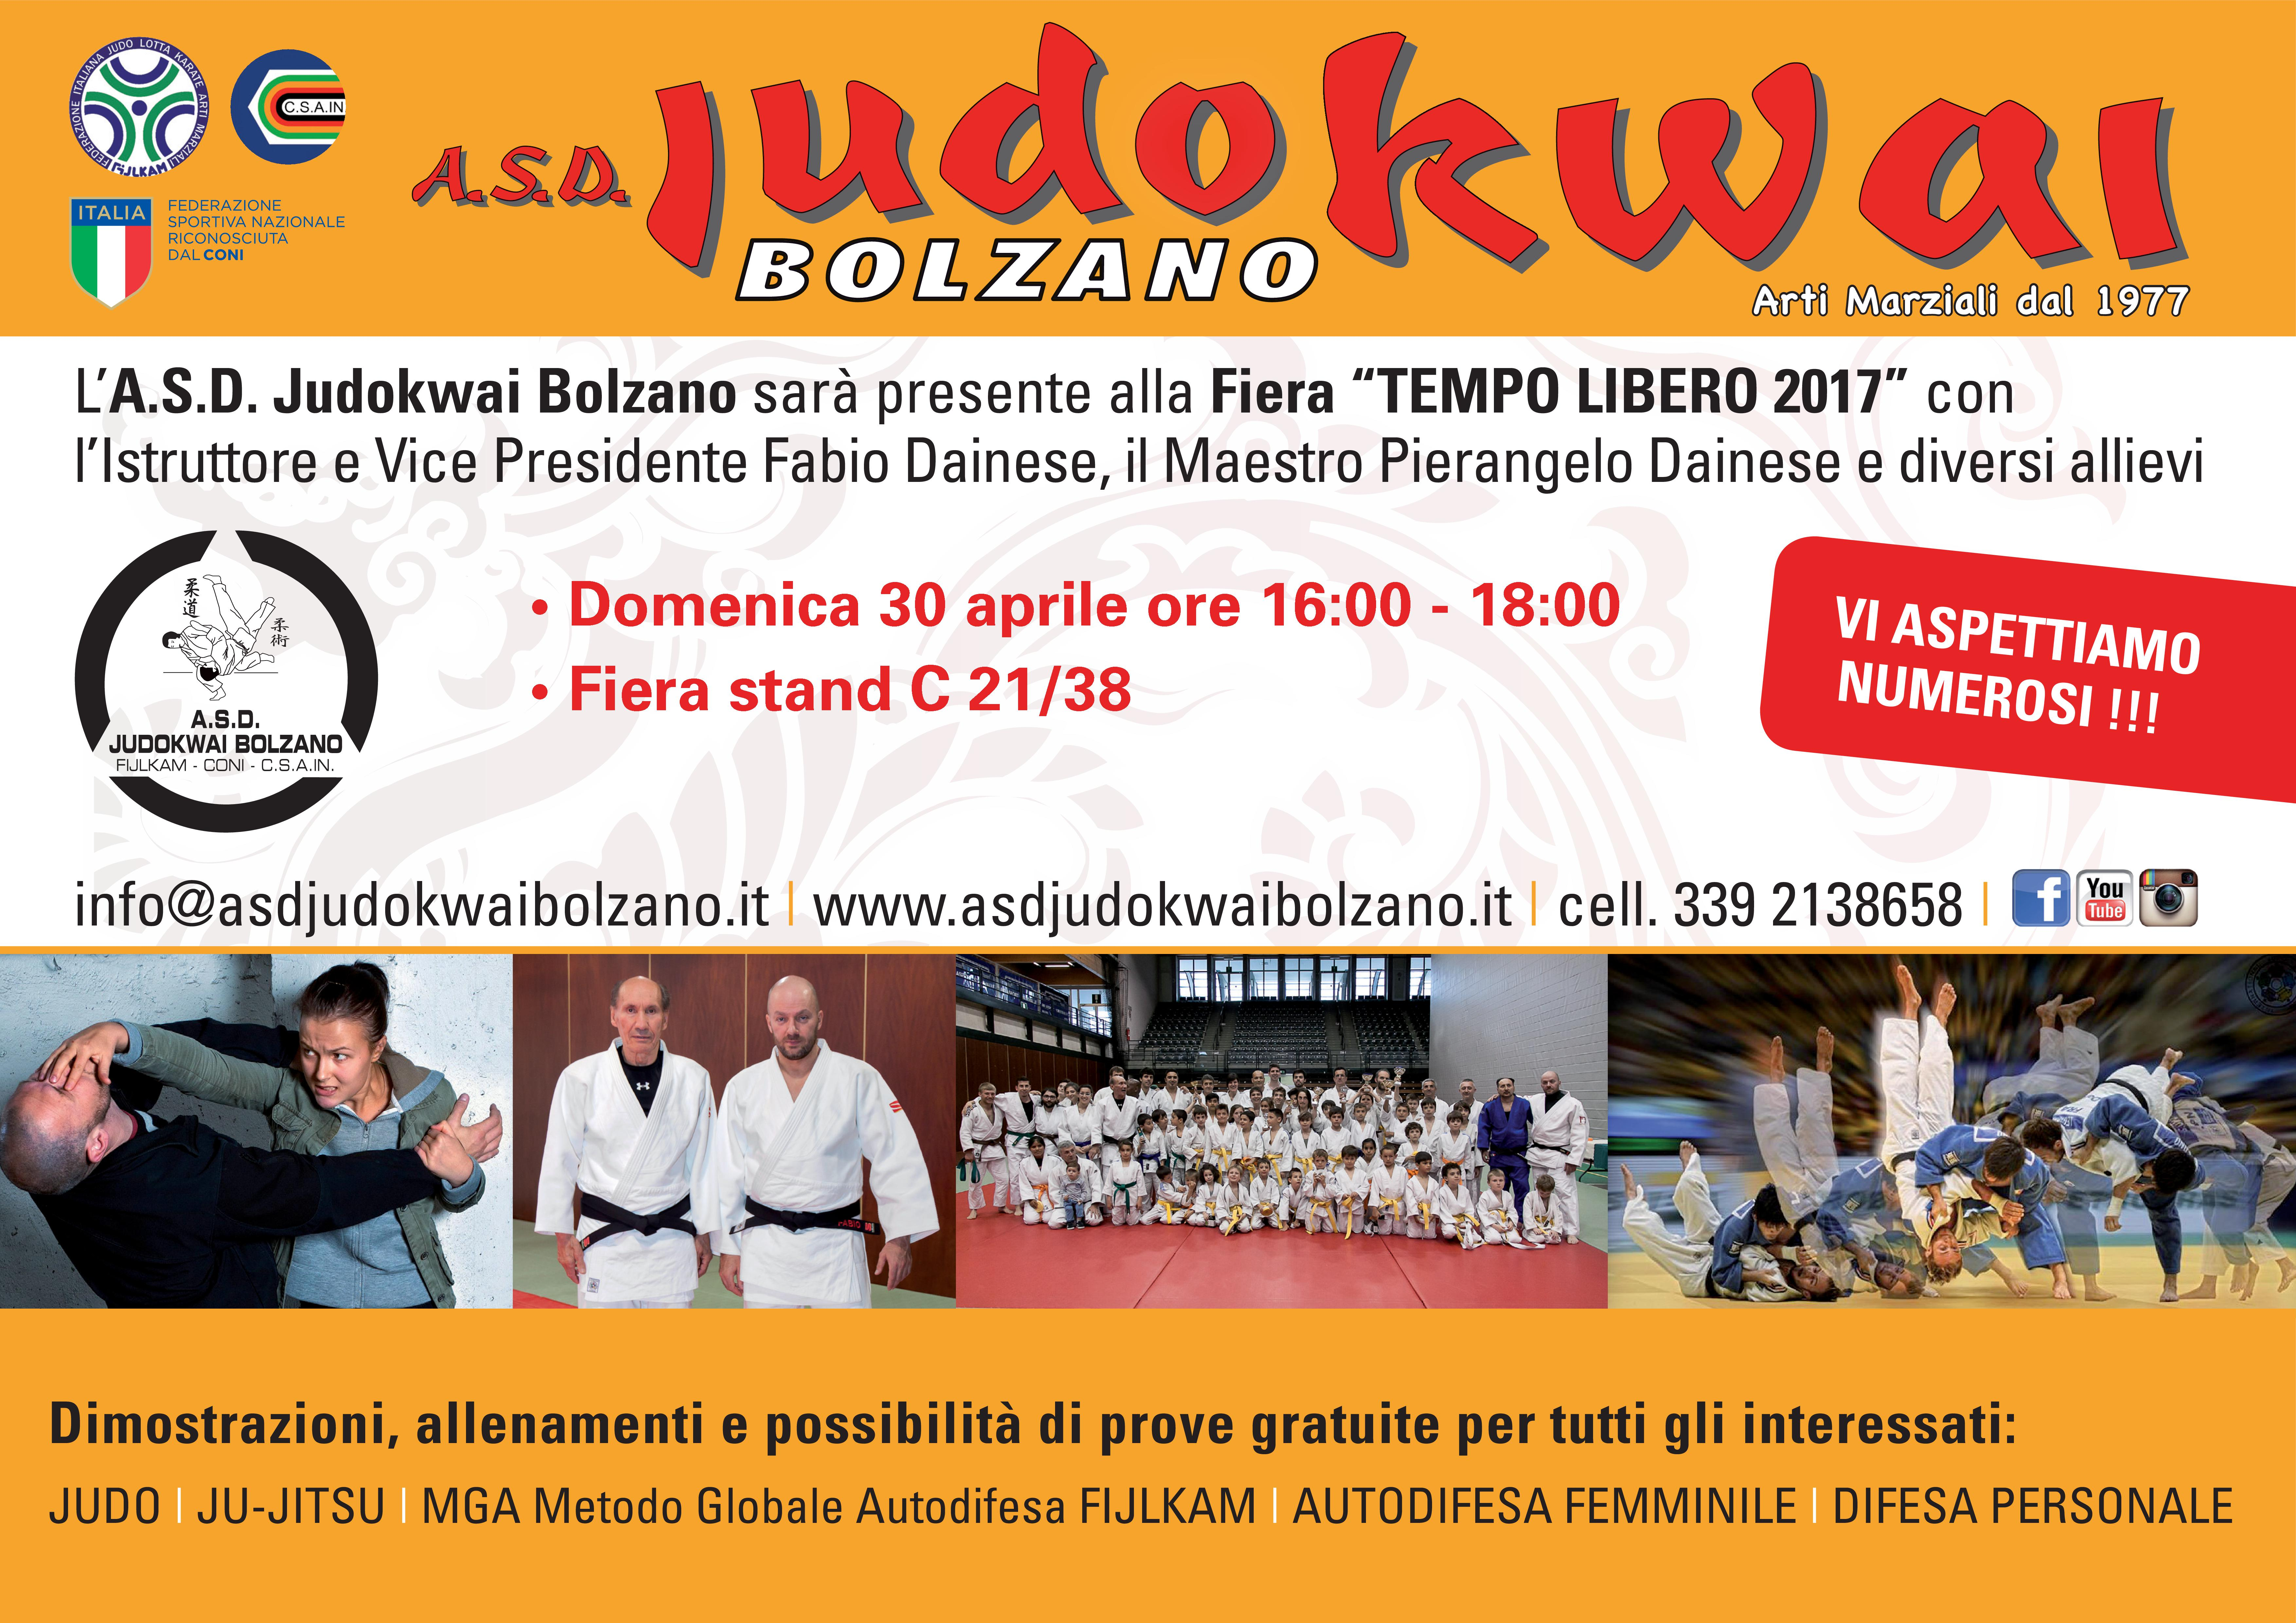 A.S.D. Judokwai Bolzano_Fiera Tempo Libero 2017